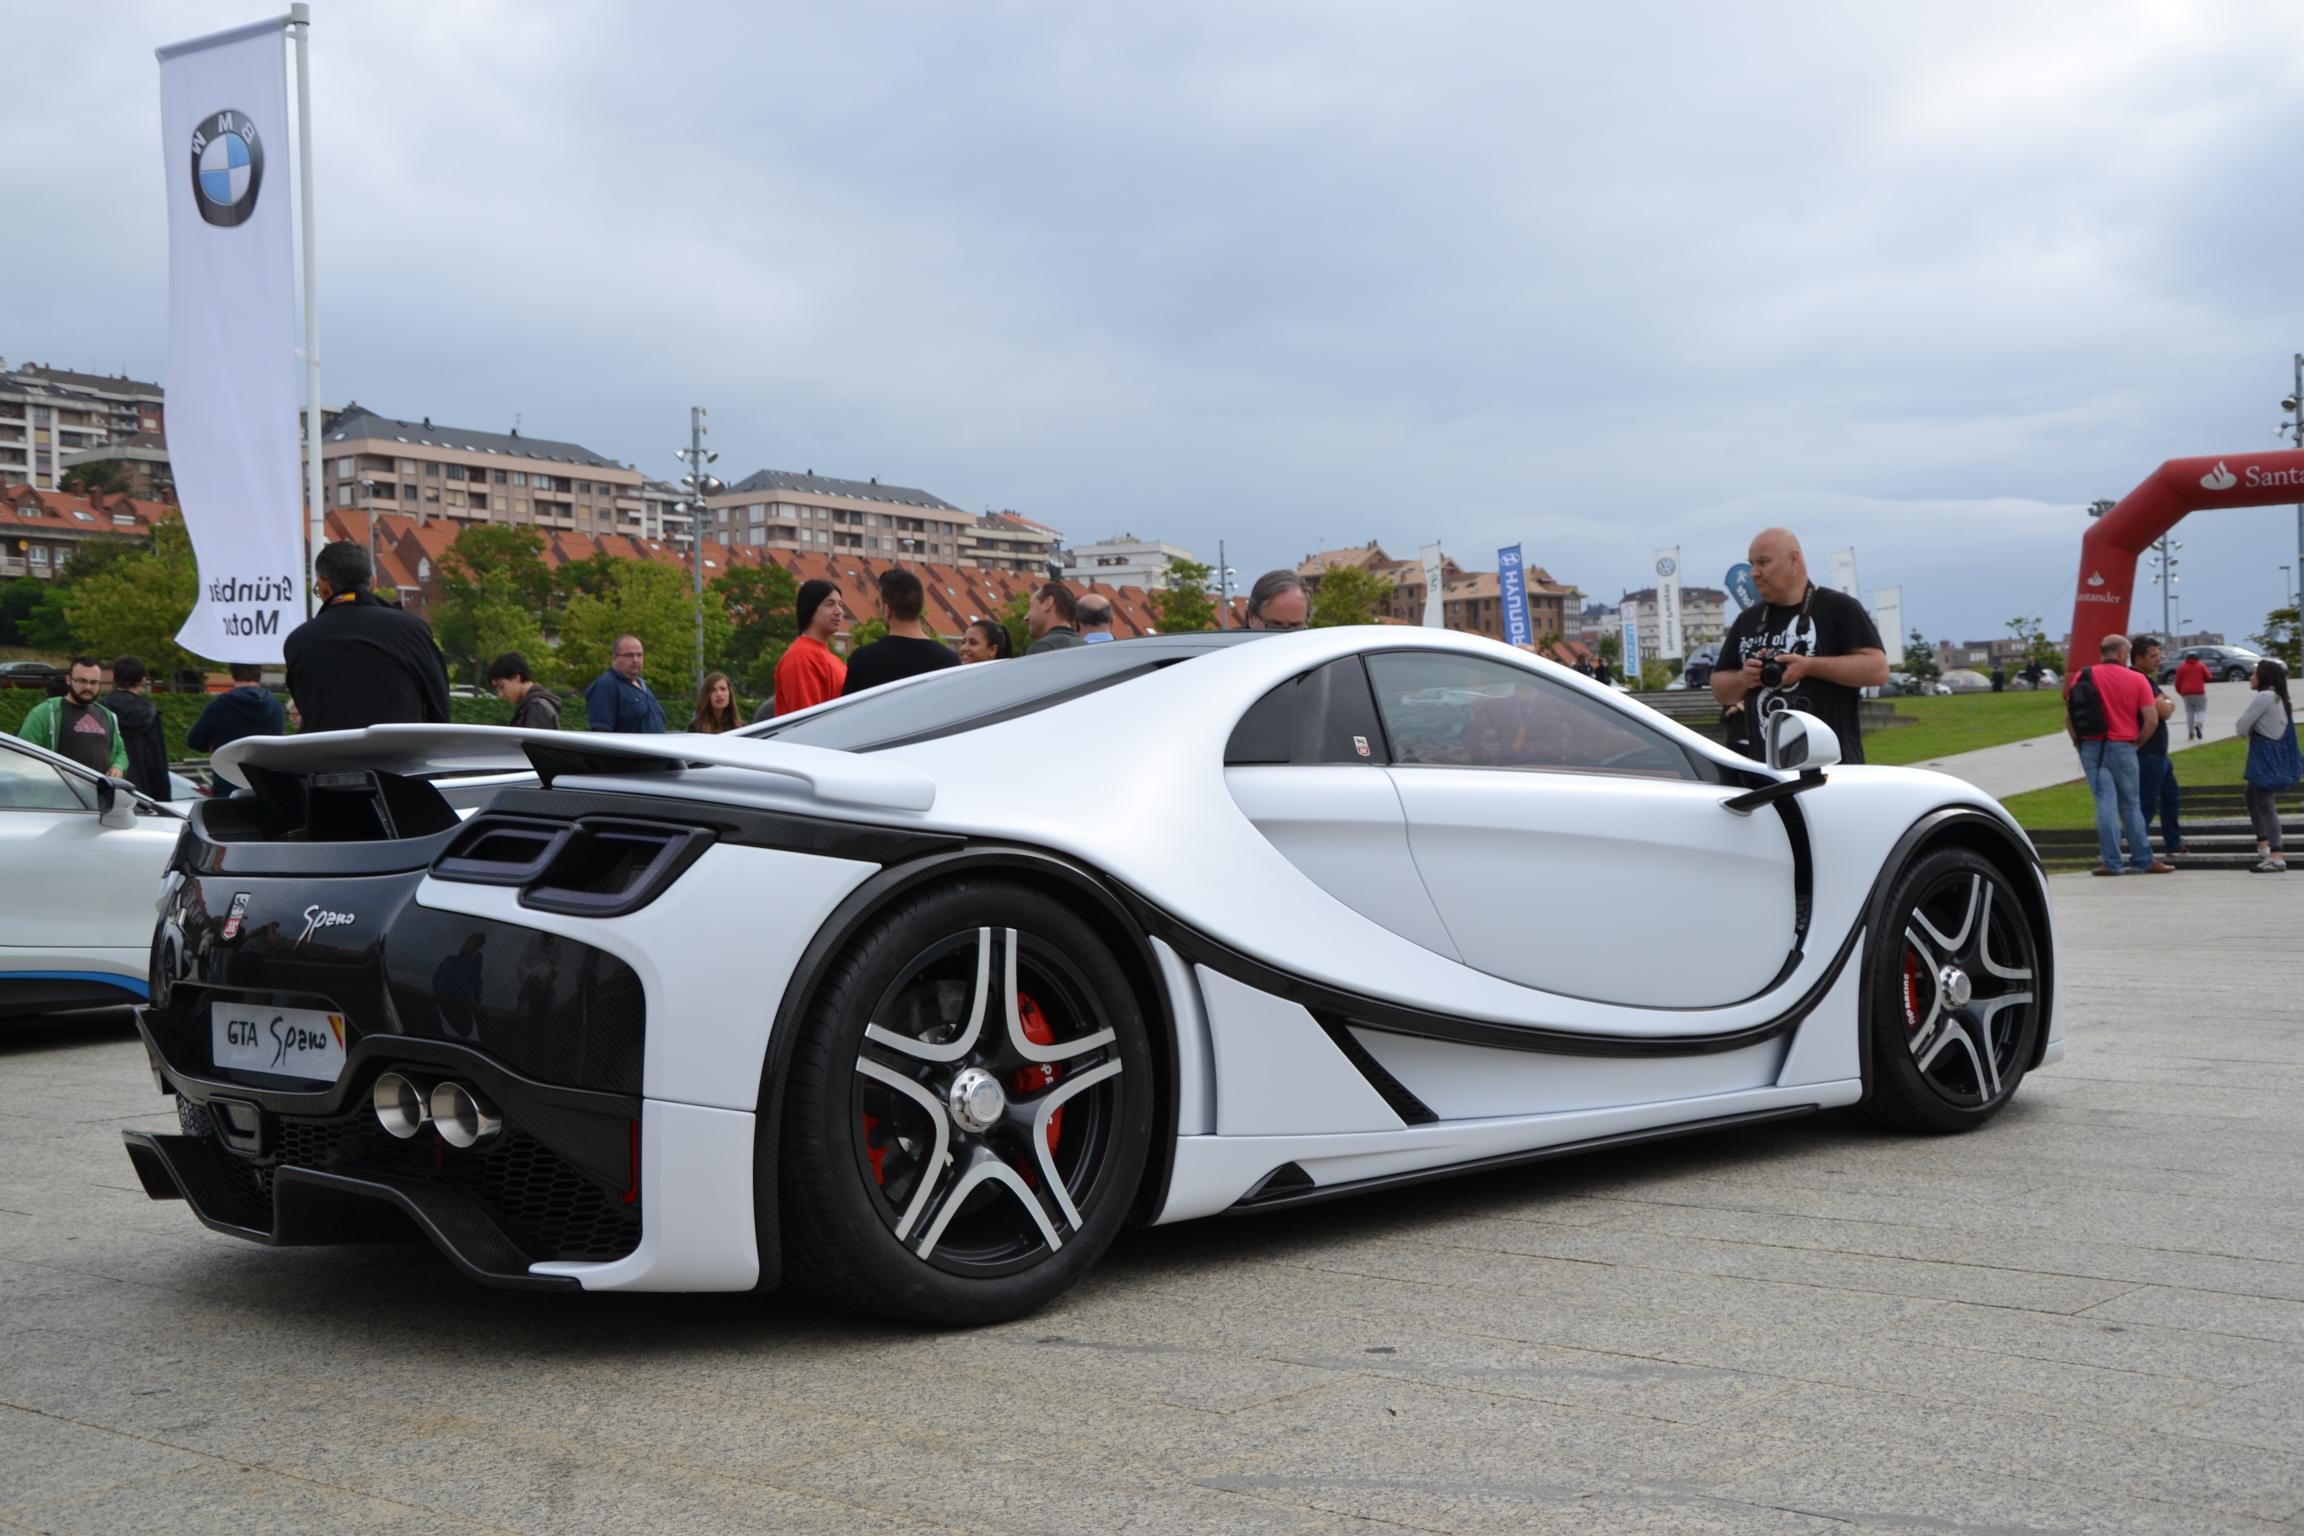 GTA Spano: un español entre los más grandes